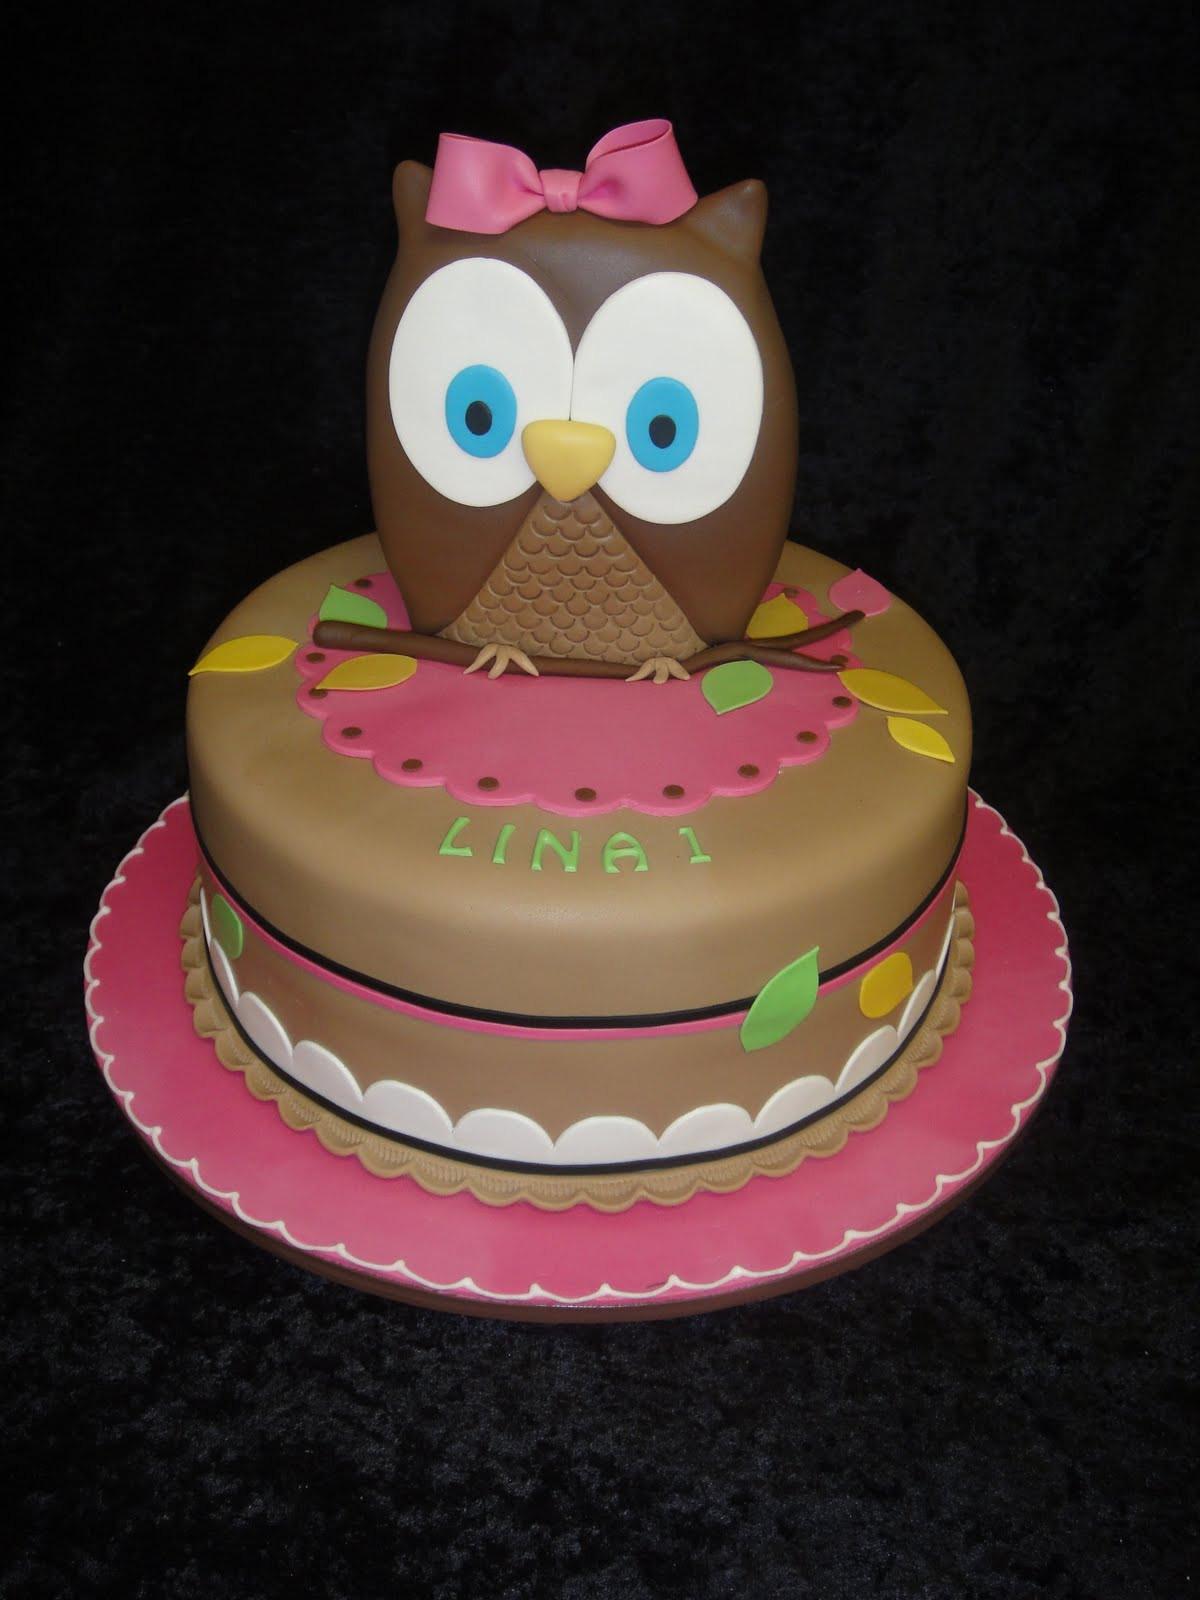 Funny Birthday Cake  Cake Blog Because Every Cake has a Story Fun Birthday Cakes